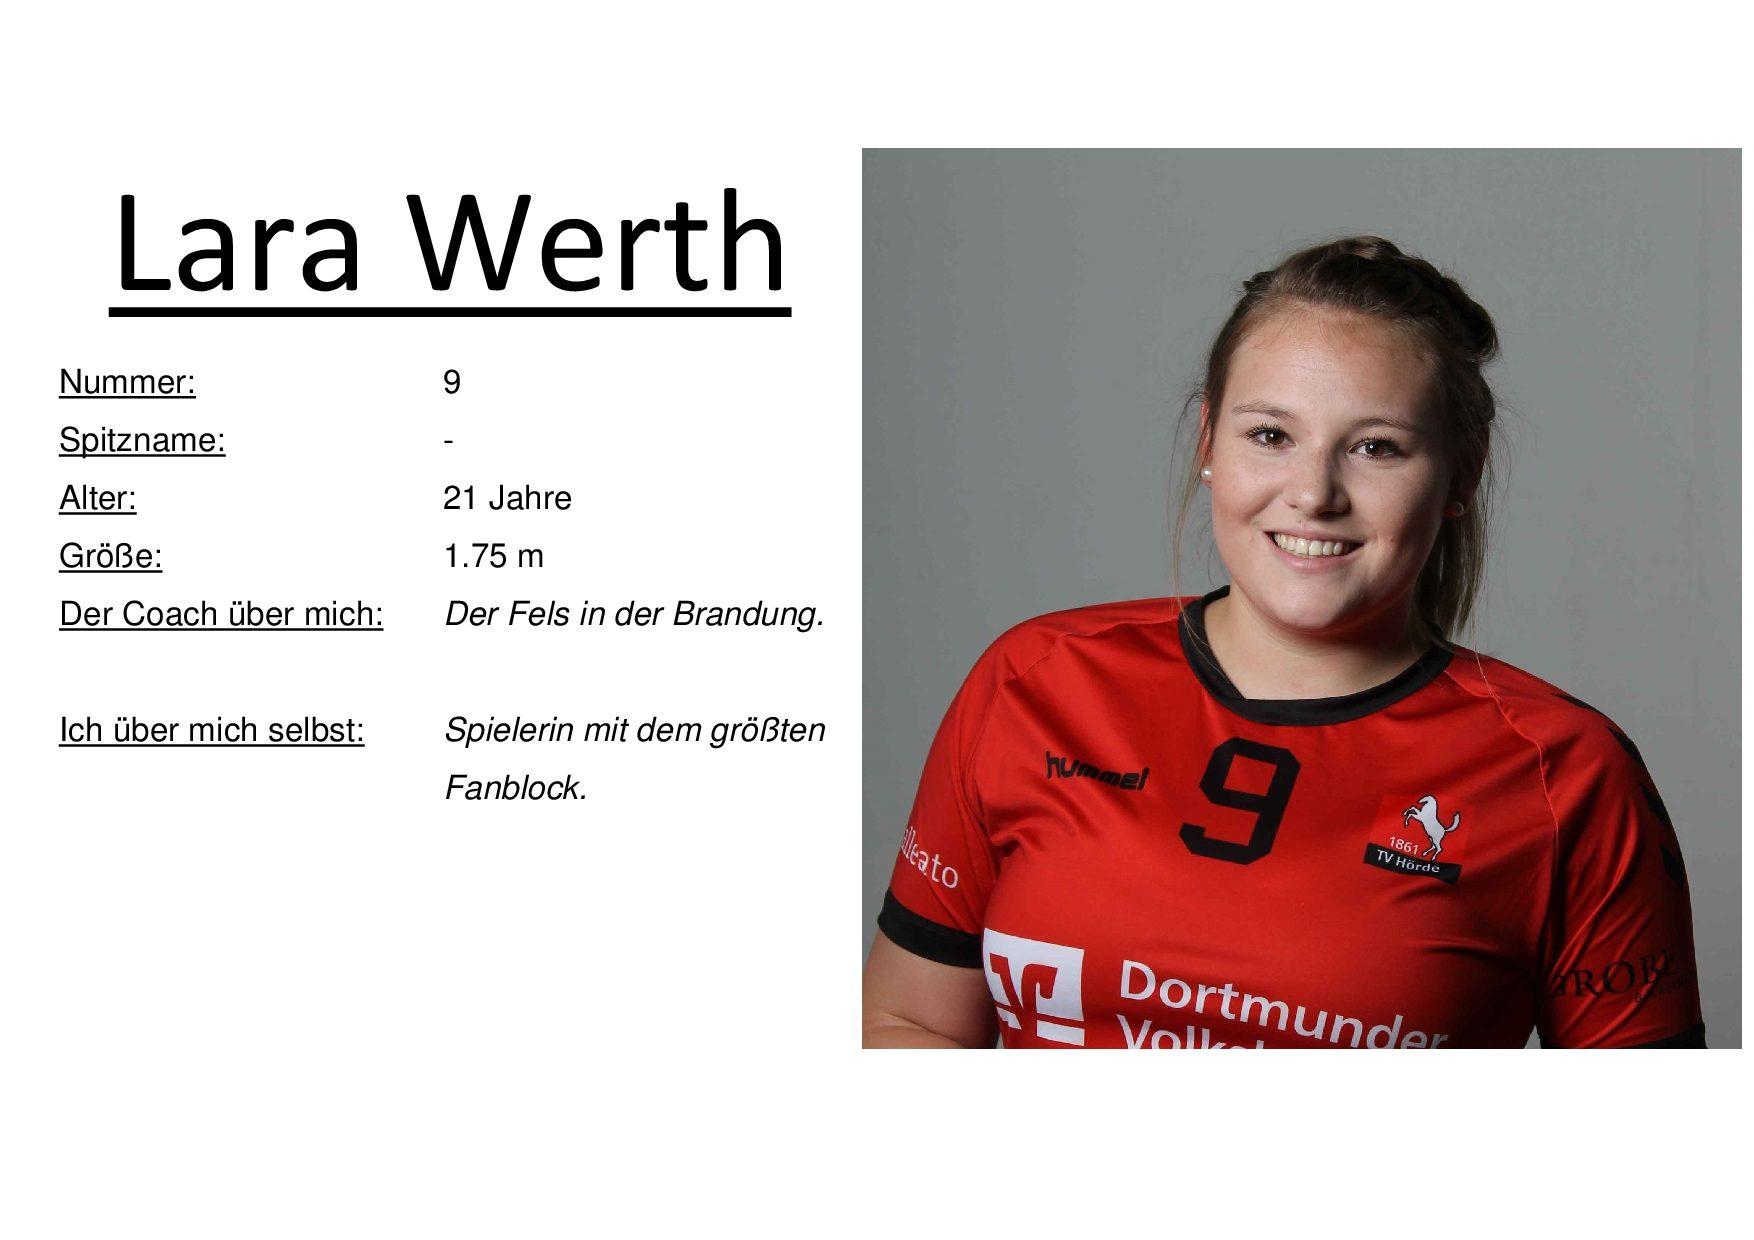 Lara Werth